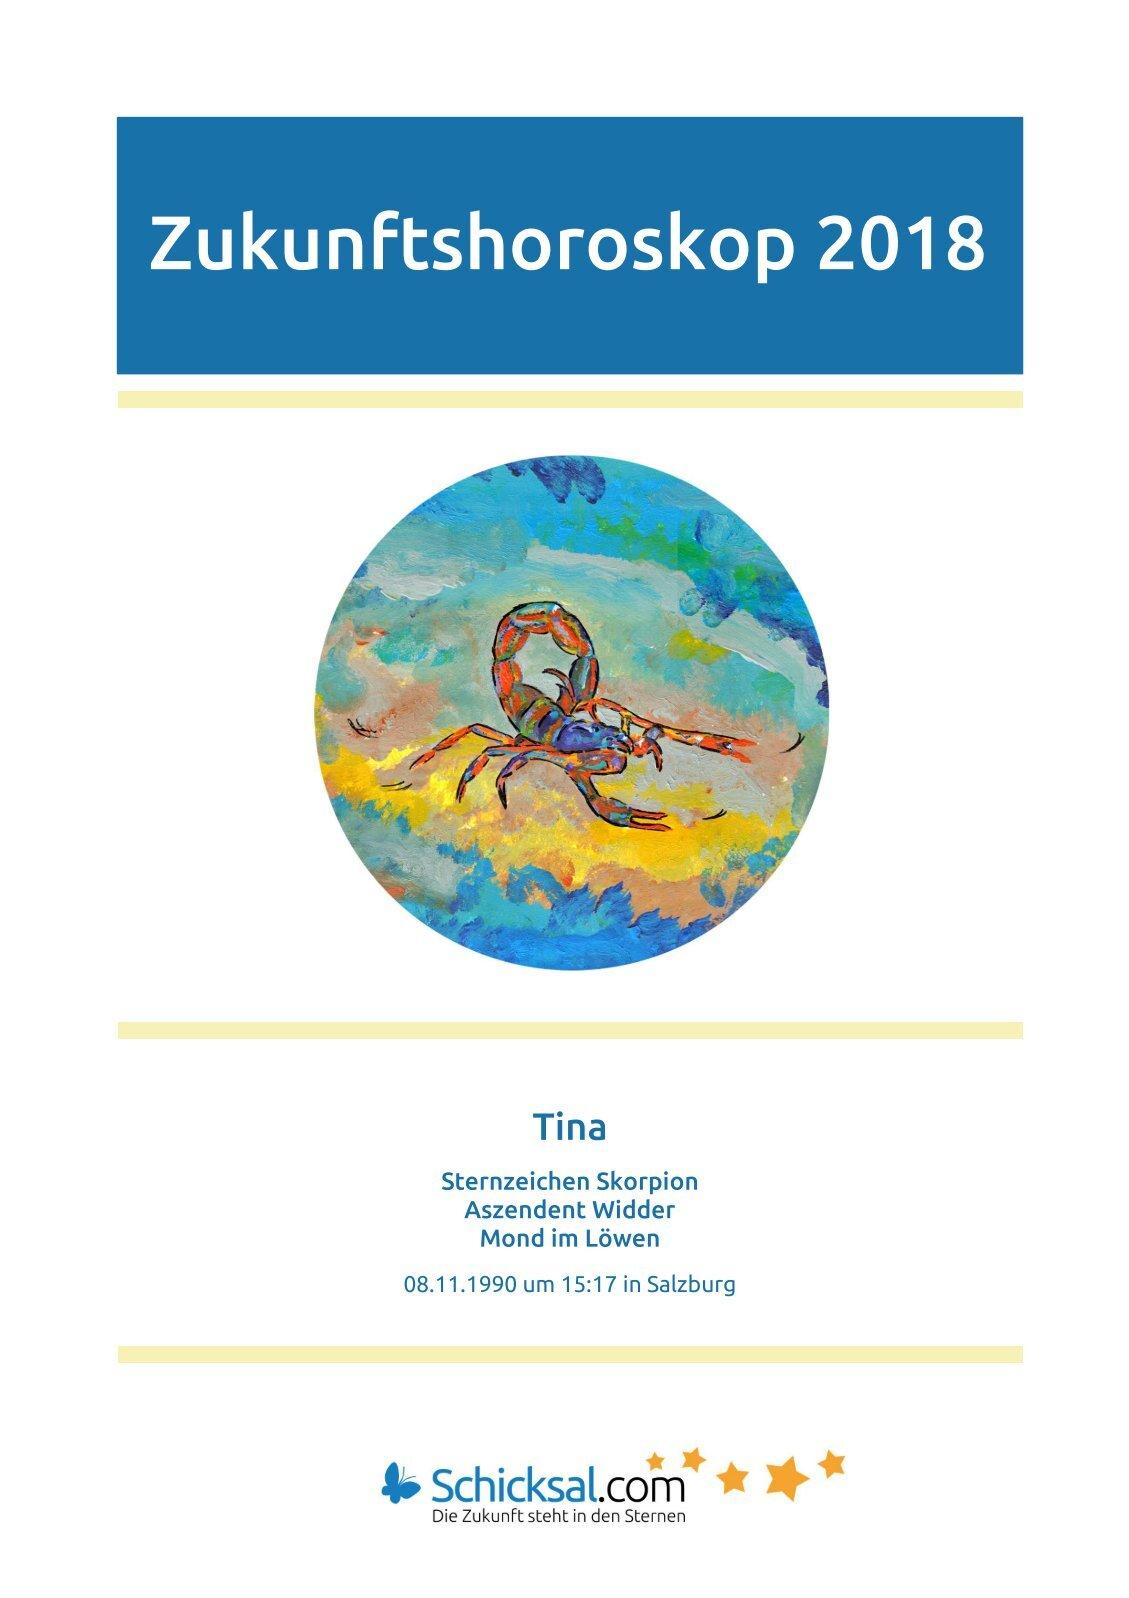 Skorpion Zukunftshoroskop 2018